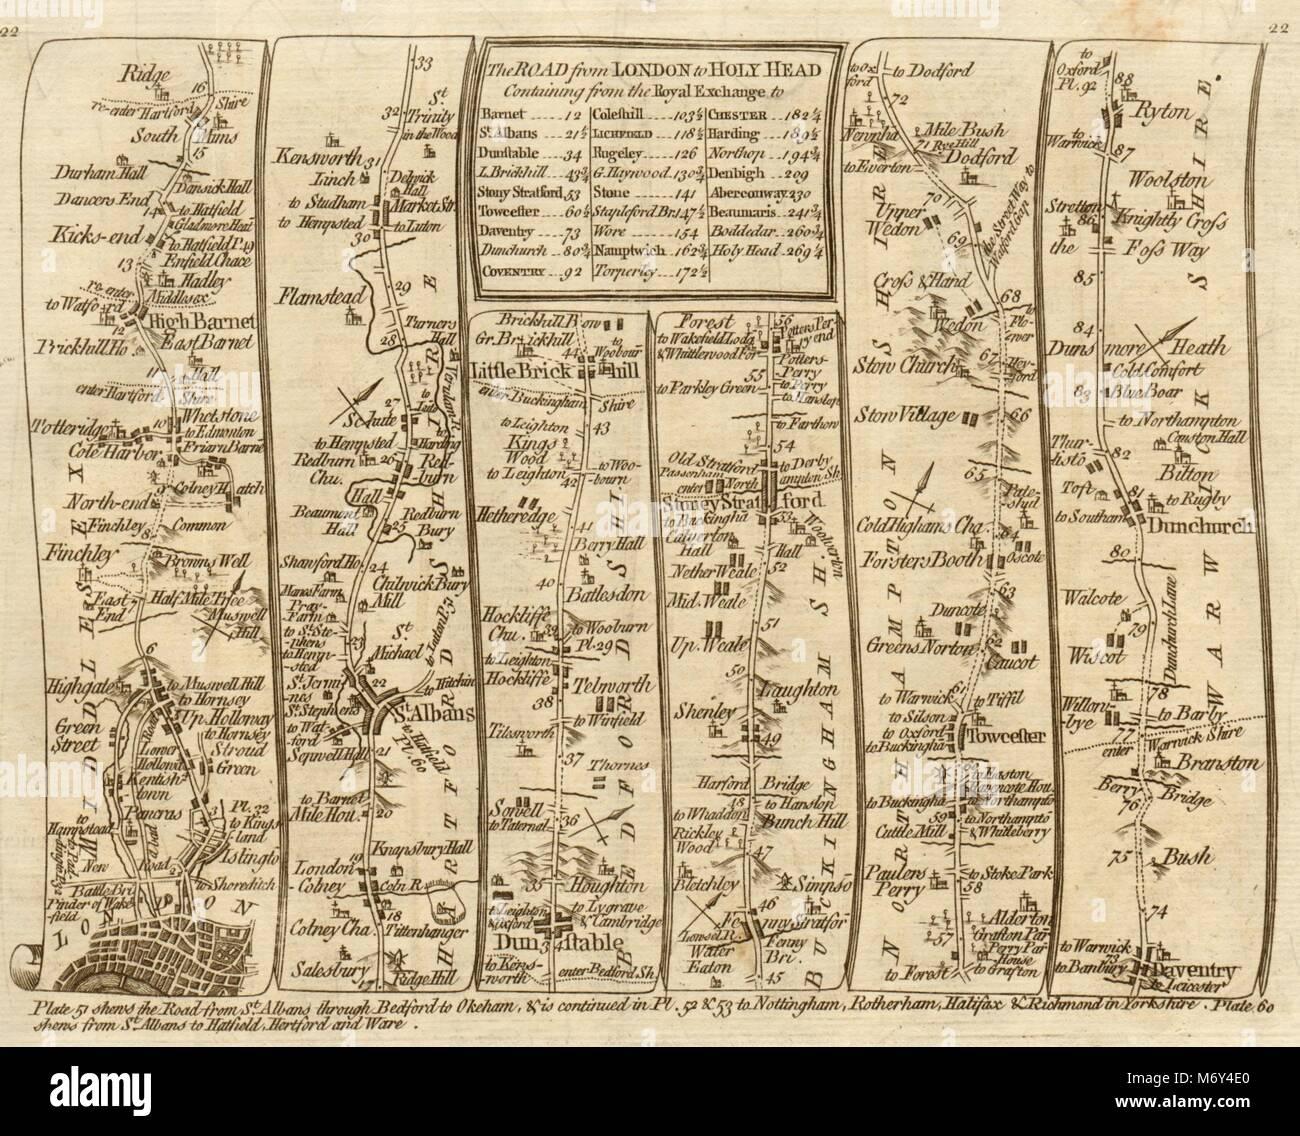 Symbol Of The Brand Llanbadarn Fynydd Llanbister Llandewi Brecon Cardiff Antiques Maps, Atlases & Globes Kitchin Road Map 1767